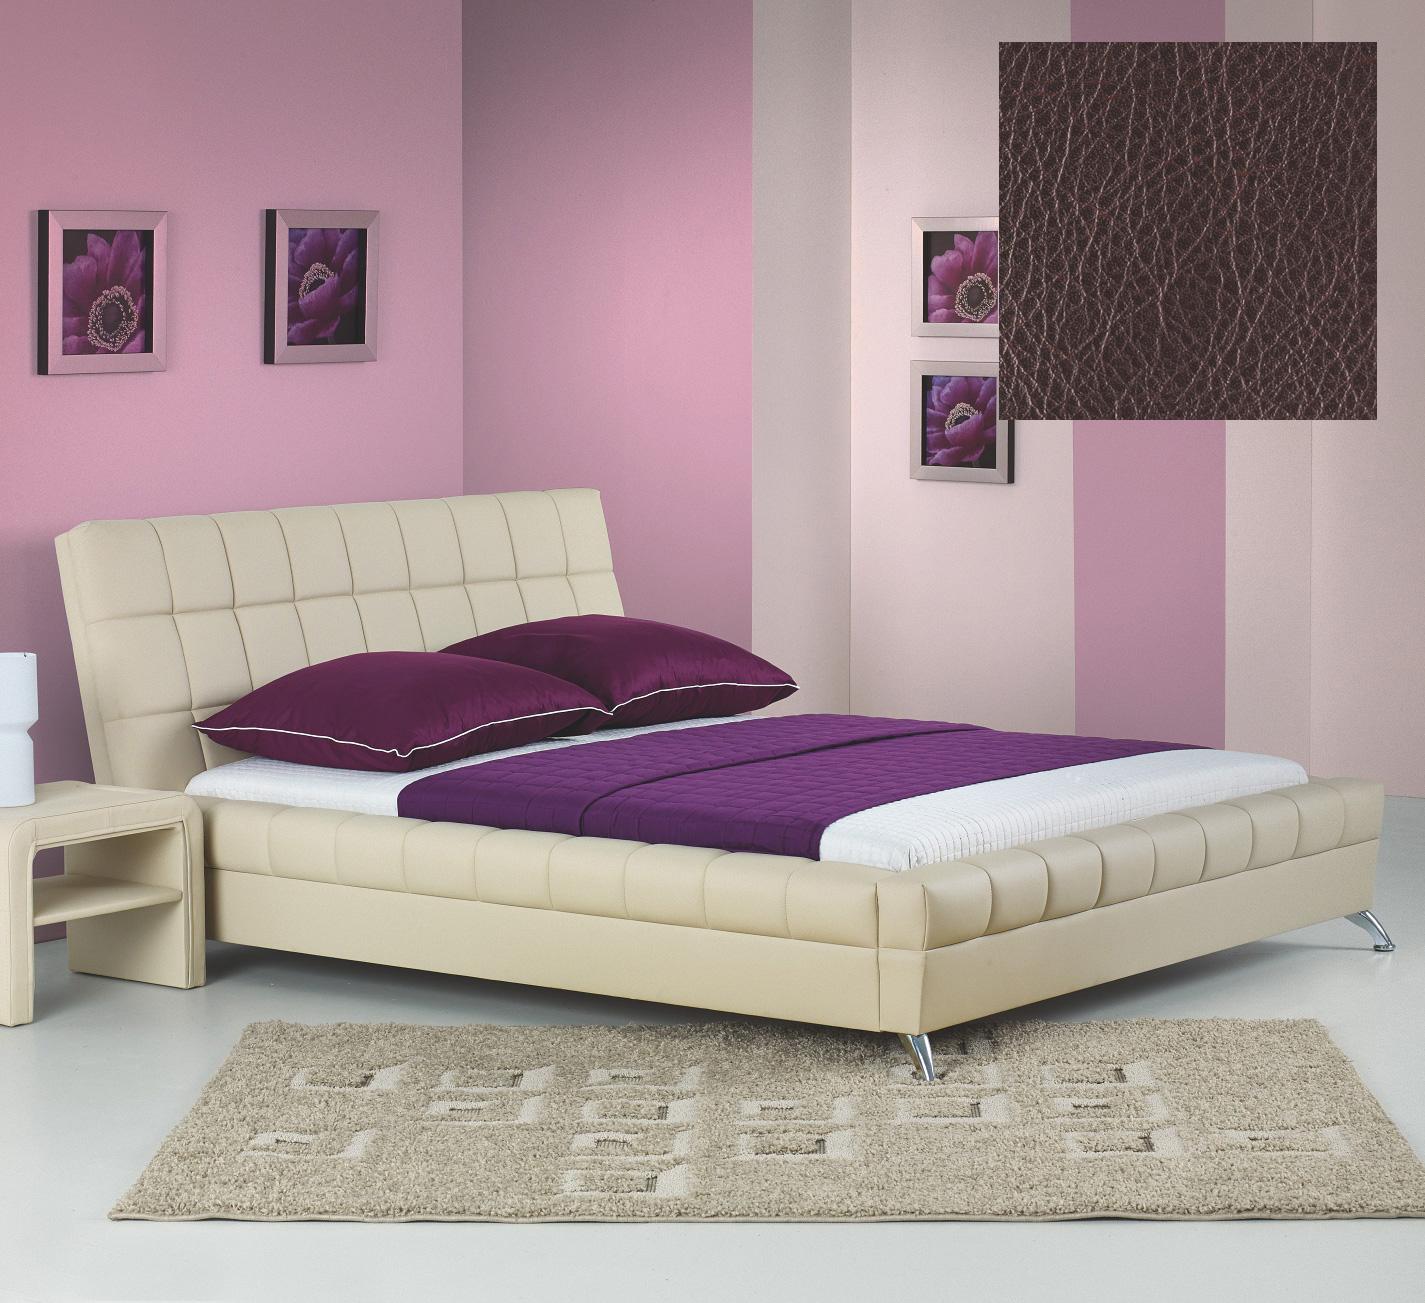 Hilda sängram och Huvudgavel Mörk Brunt Eco läder 4995 kr Trendrum se